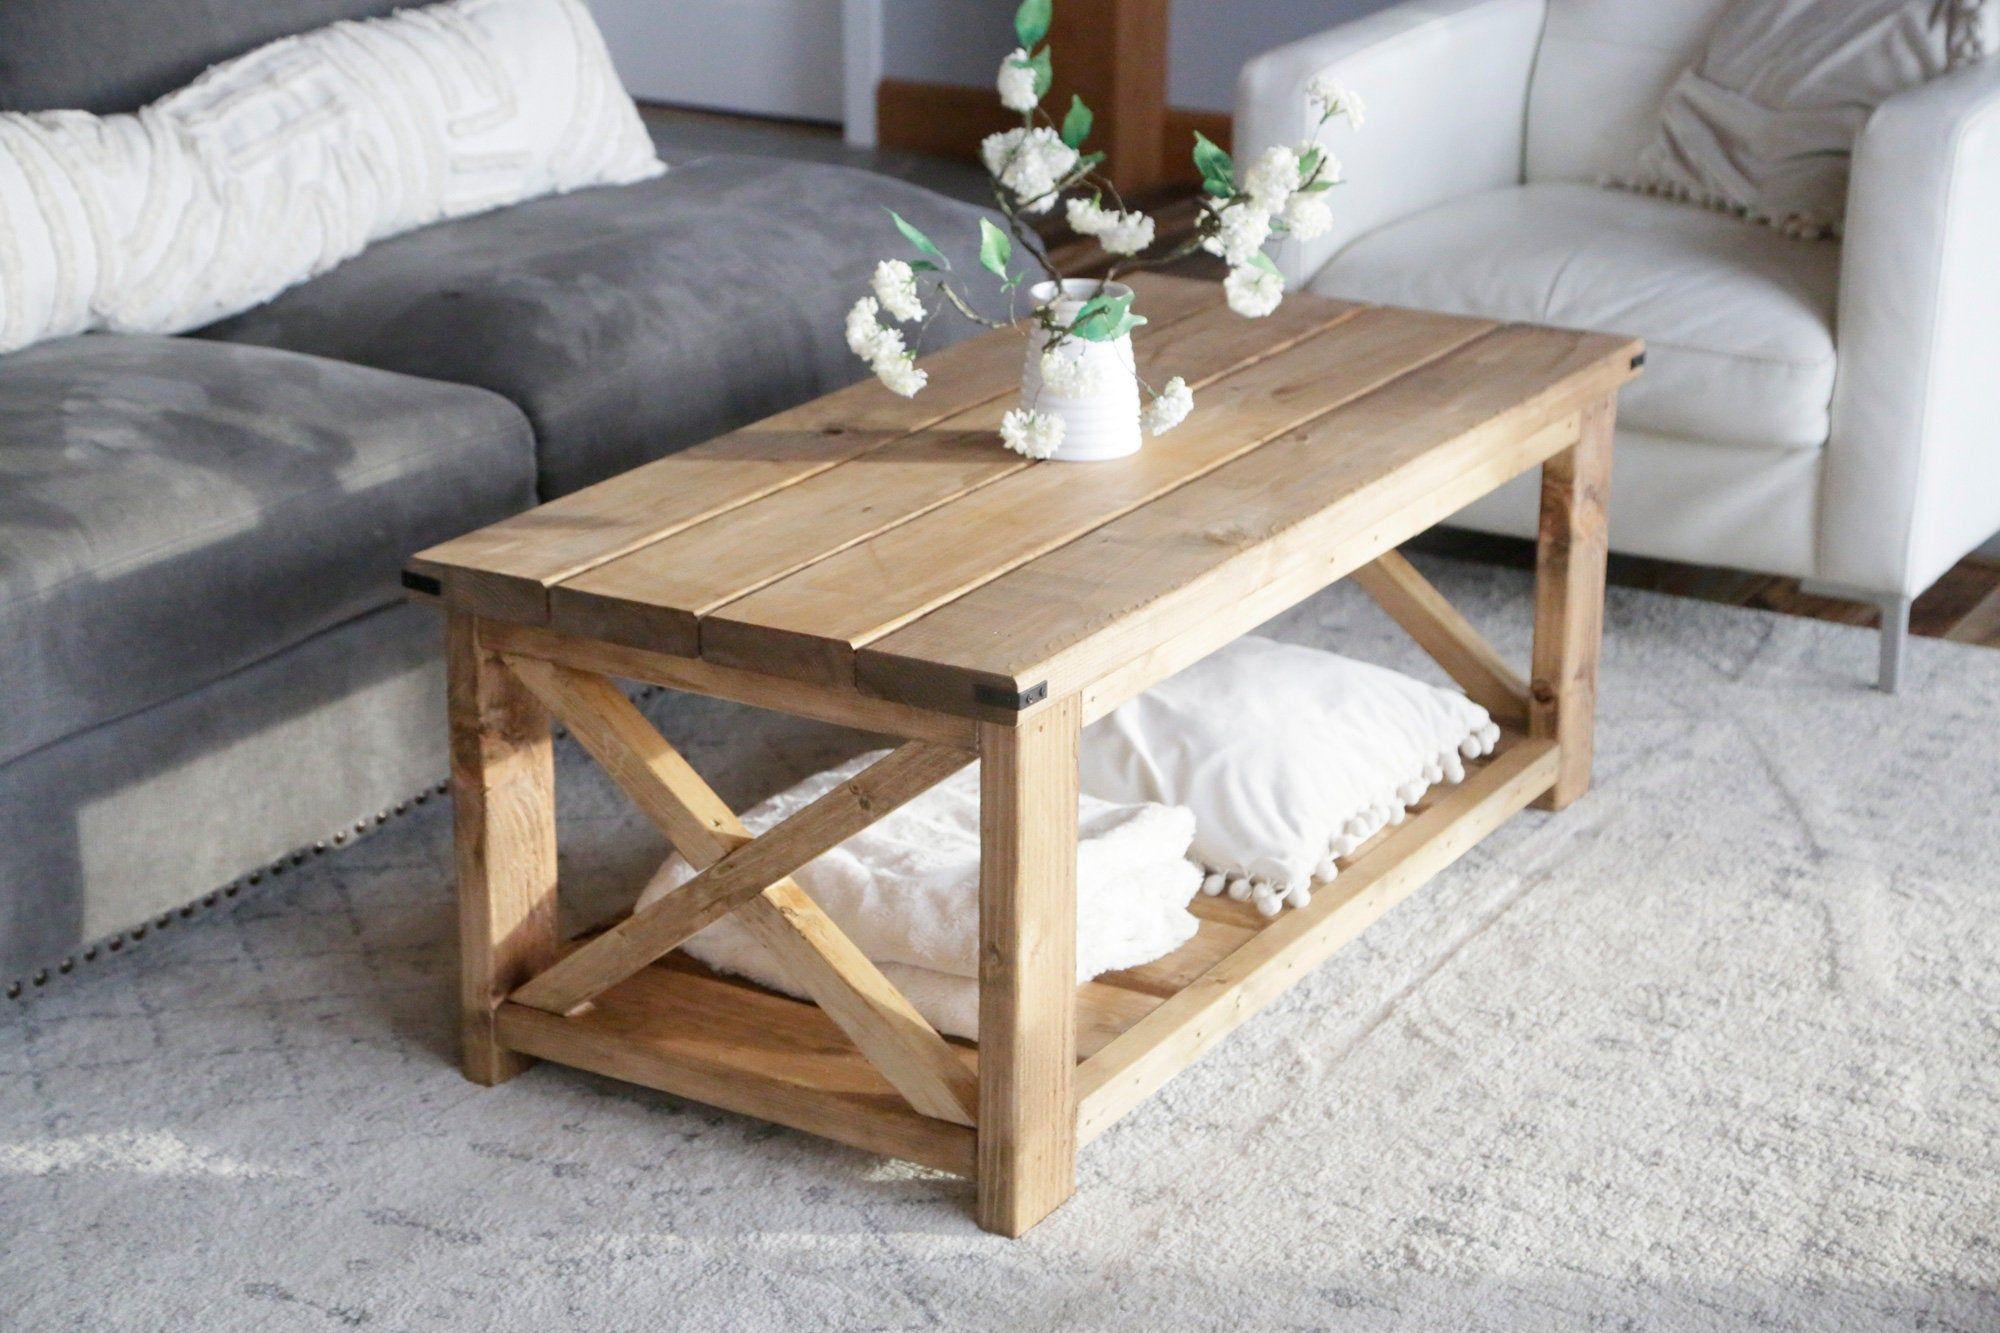 Rustic Farmhouse Coffee Table X Legs In 2020 Coffee Table Plans Diy Furniture Plans Farmhouse Furniture